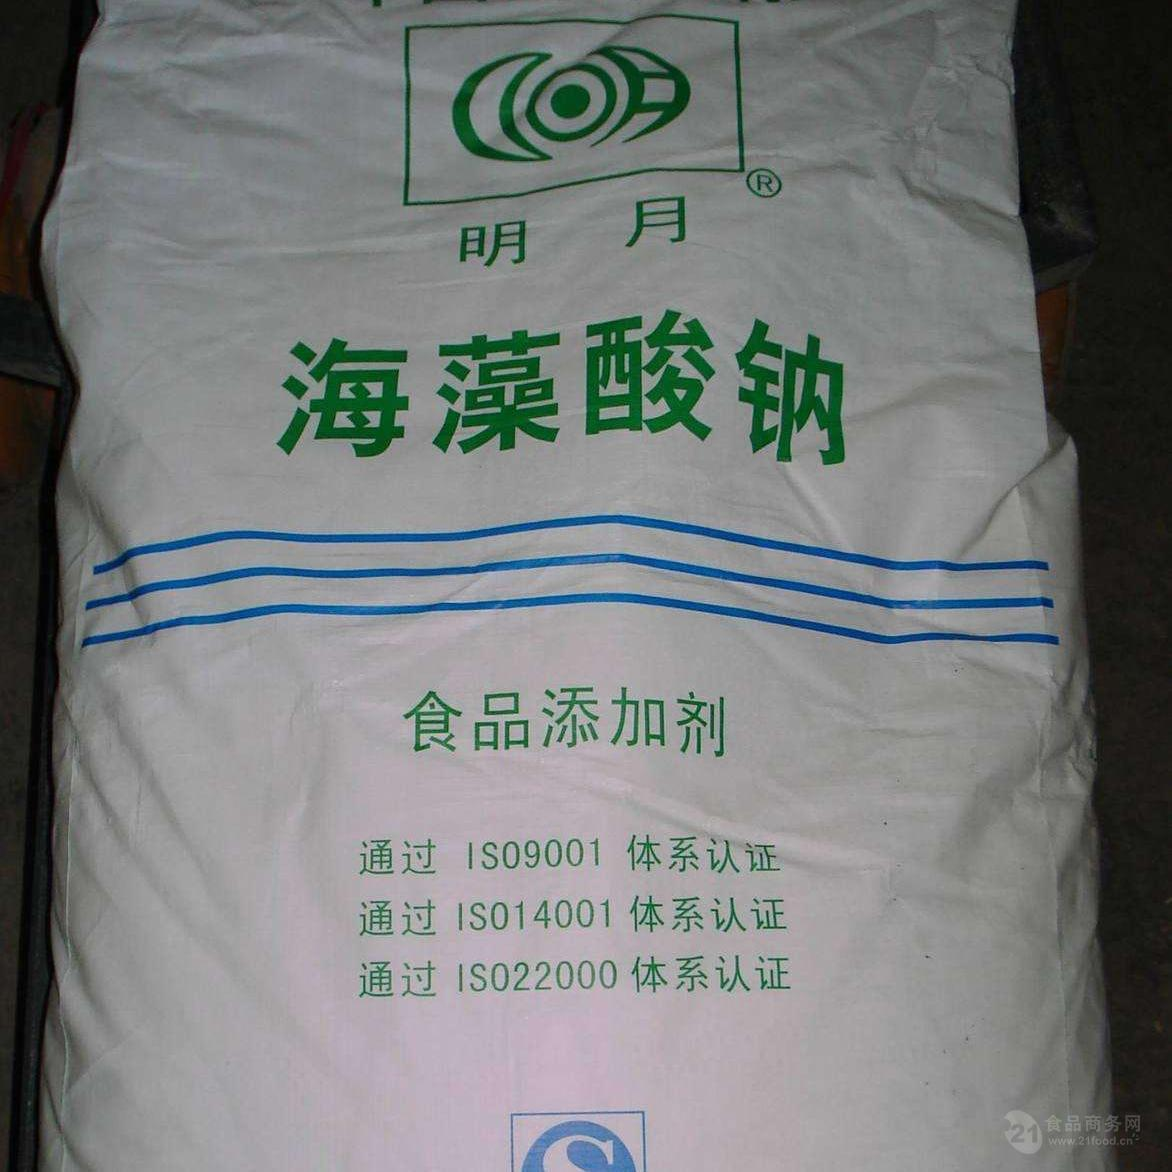 海藻酸钠有哪些常见的应用